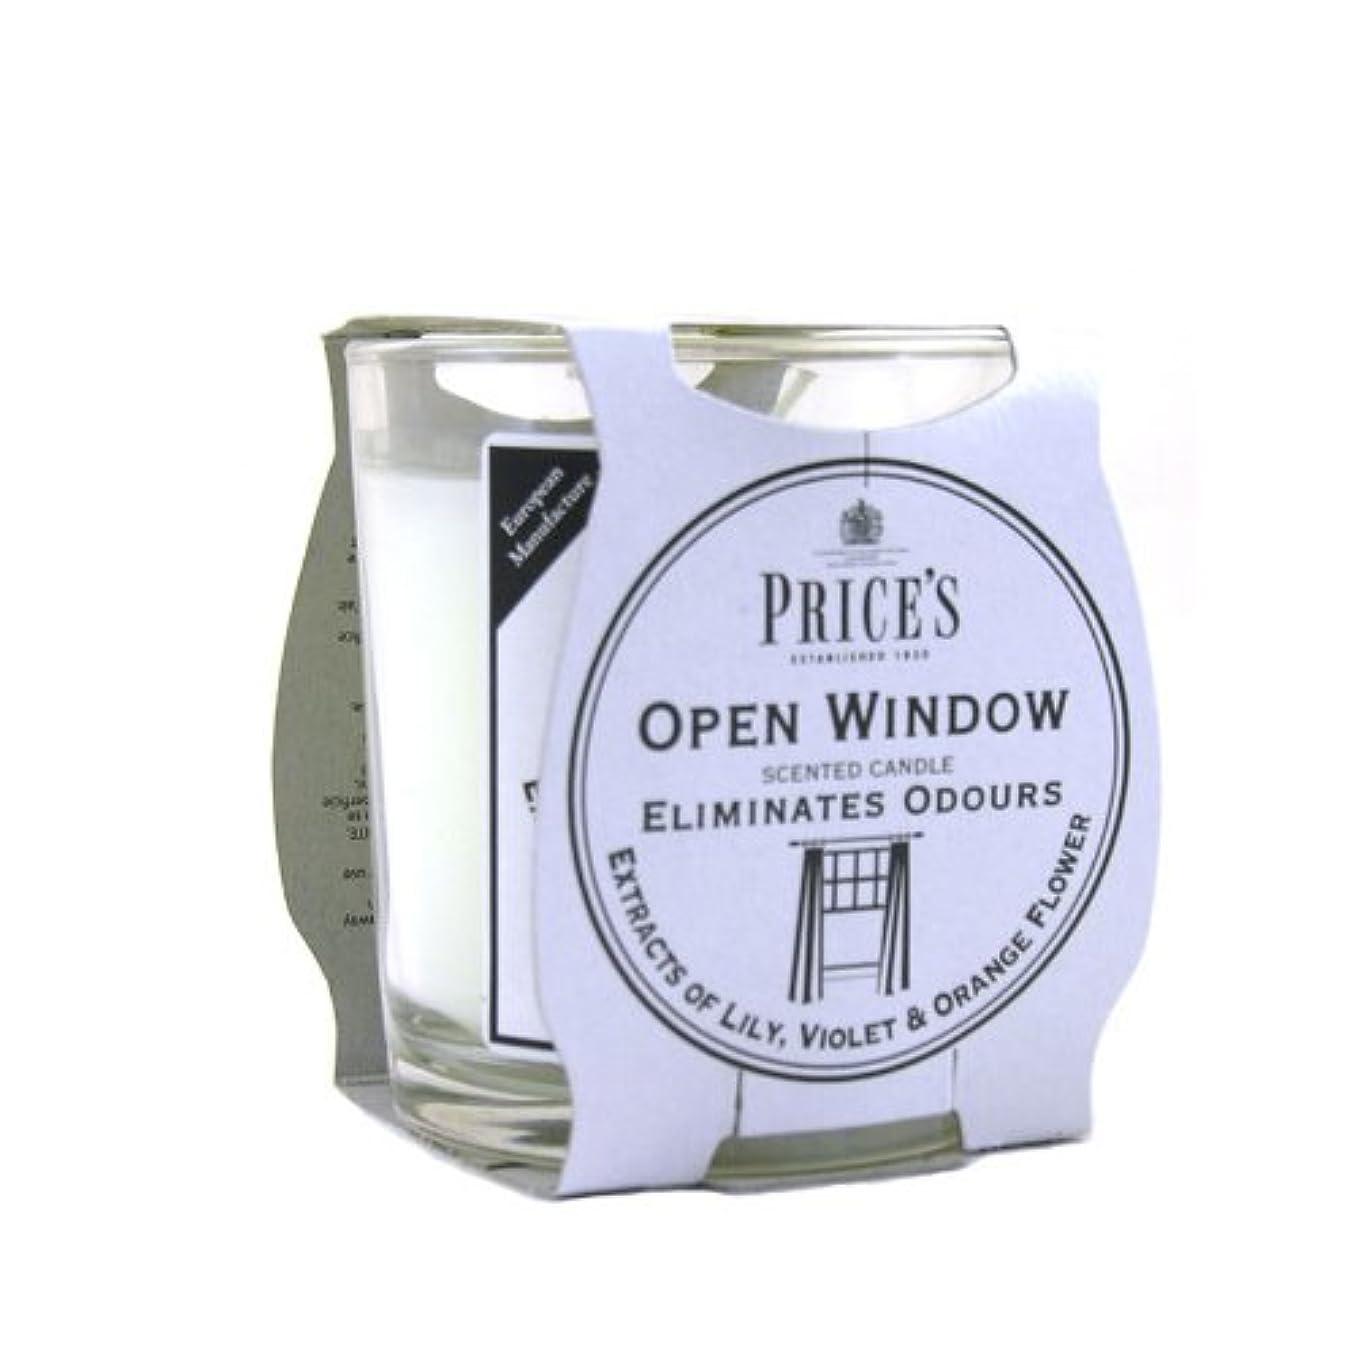 ヨーグルト着陸マイルドPrice′s(プライシズ) Fresh Air CANDLE TIN Jar type (フレッシュエアー キャンドル ジャータイプ) OPEN WINDOW(オープンウィンドゥ)